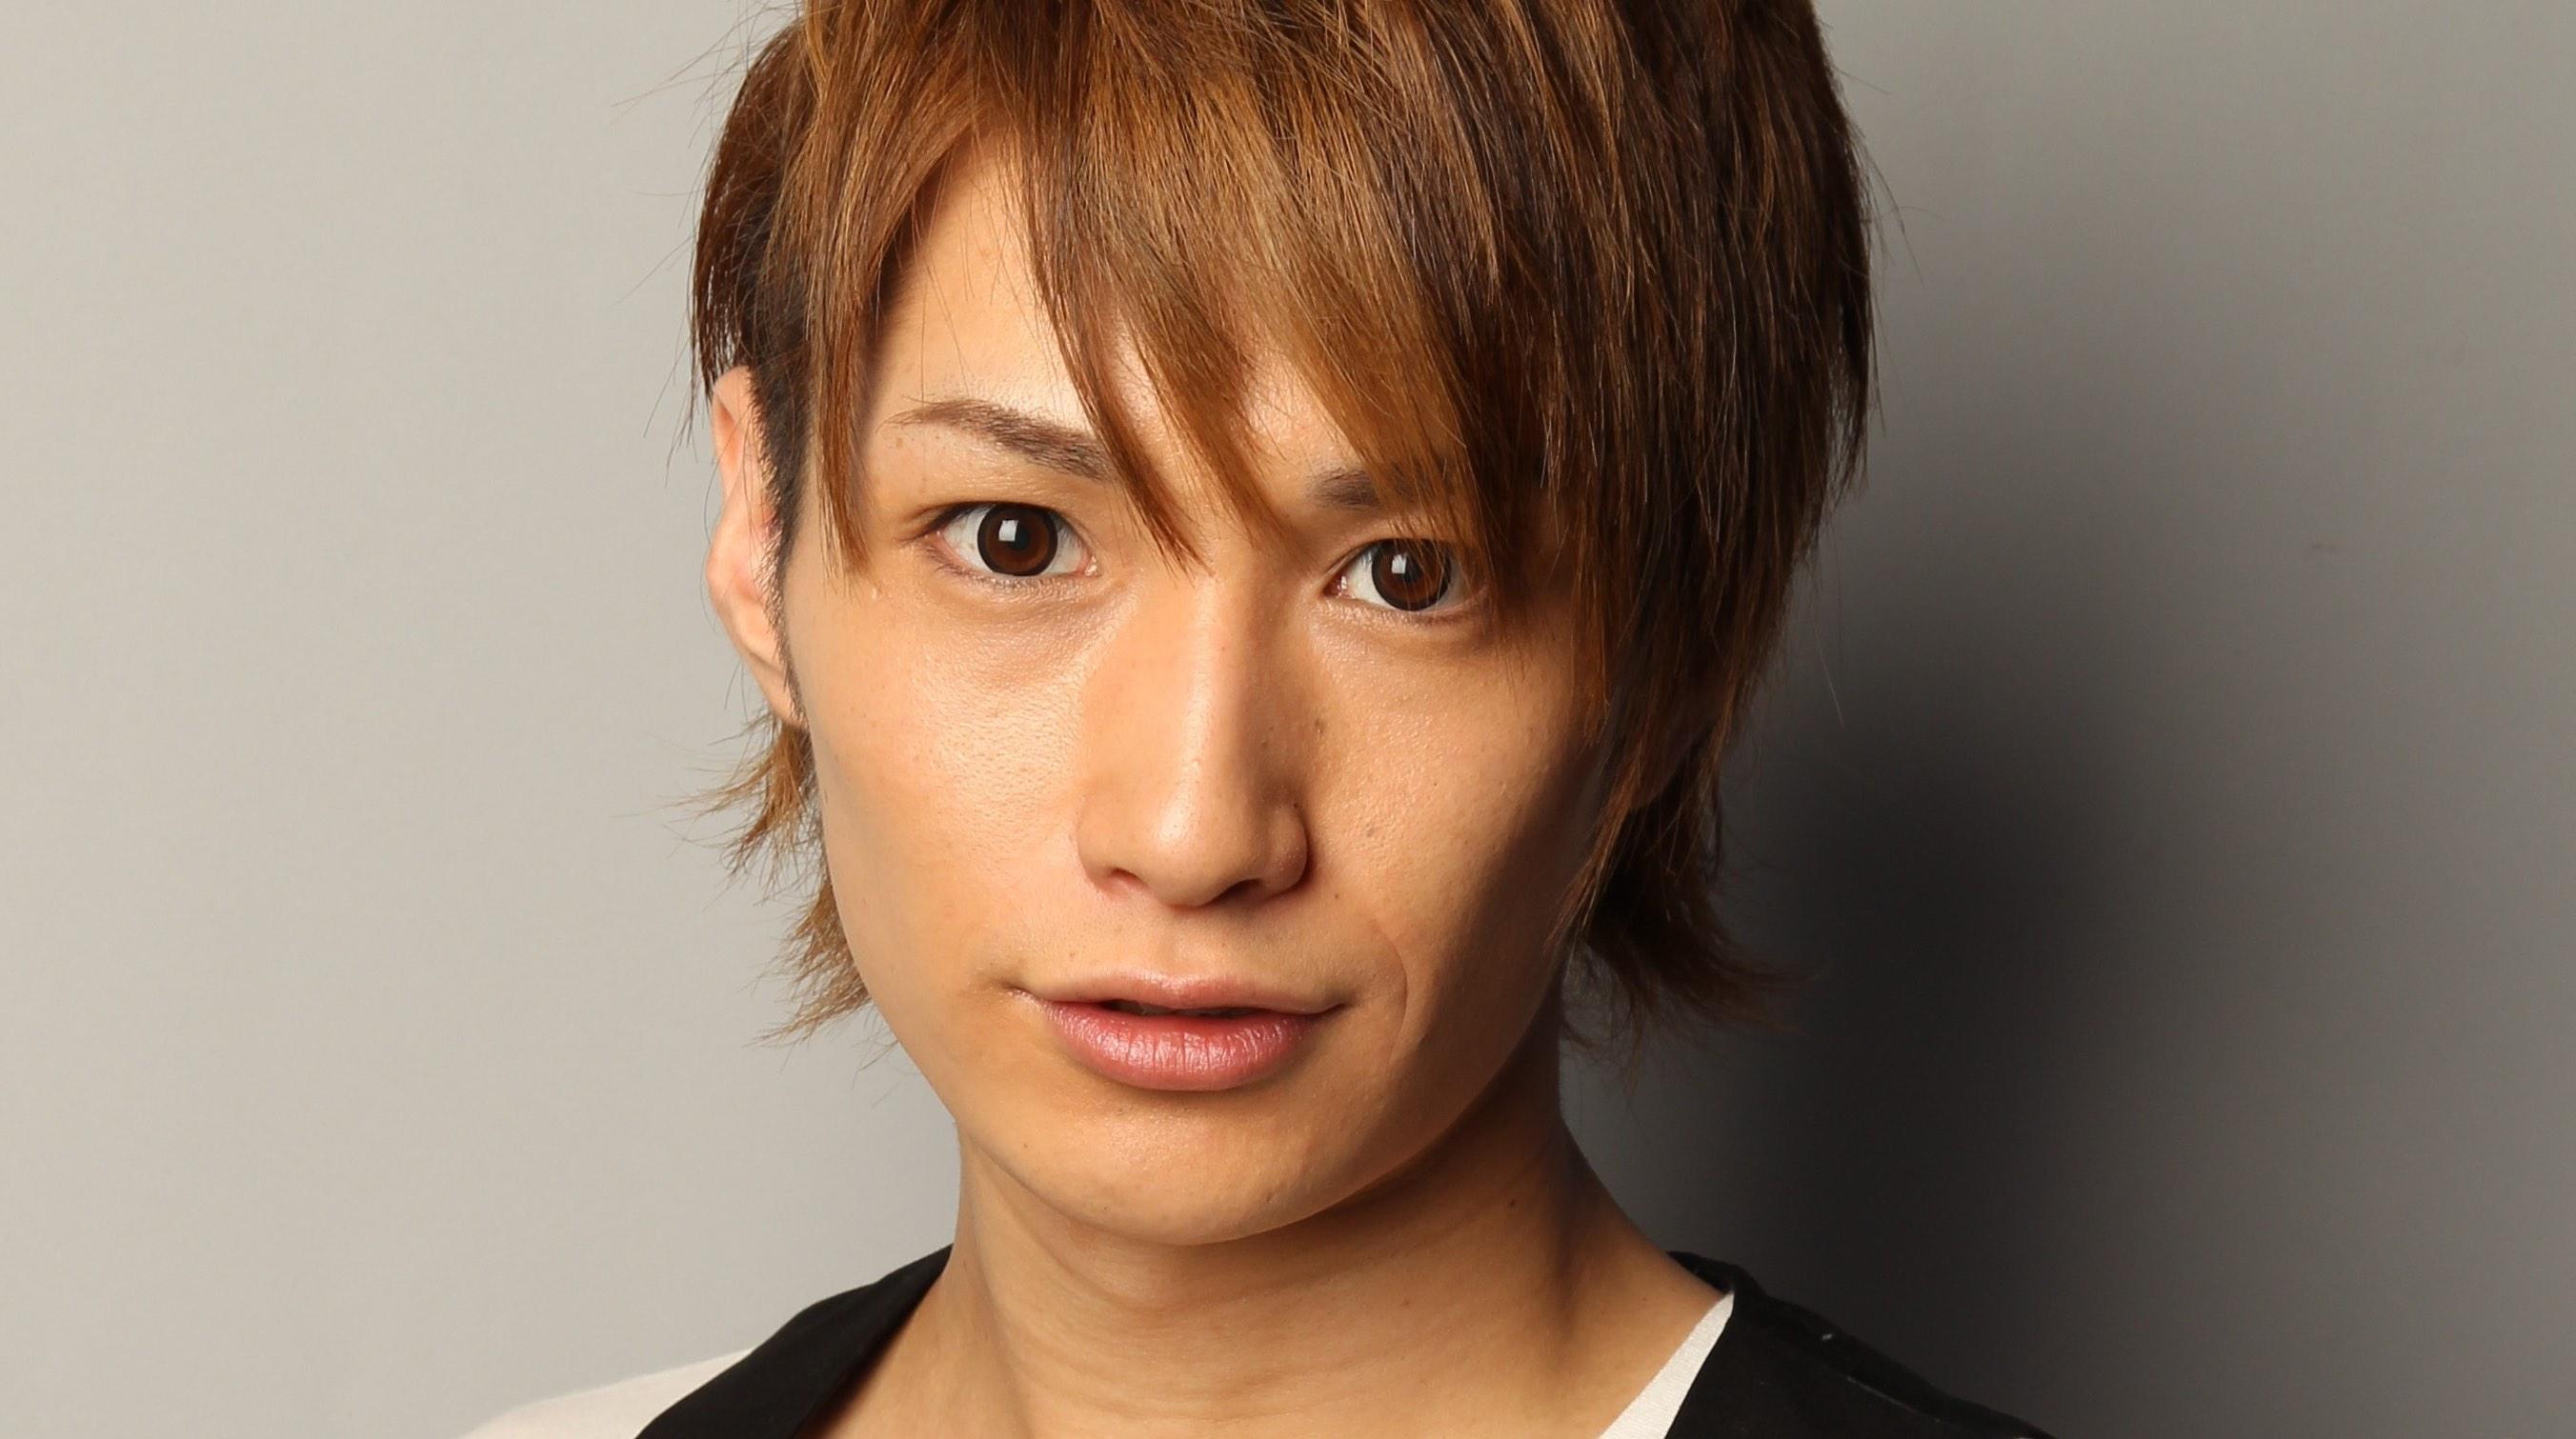 Katsuhiko Ibuka